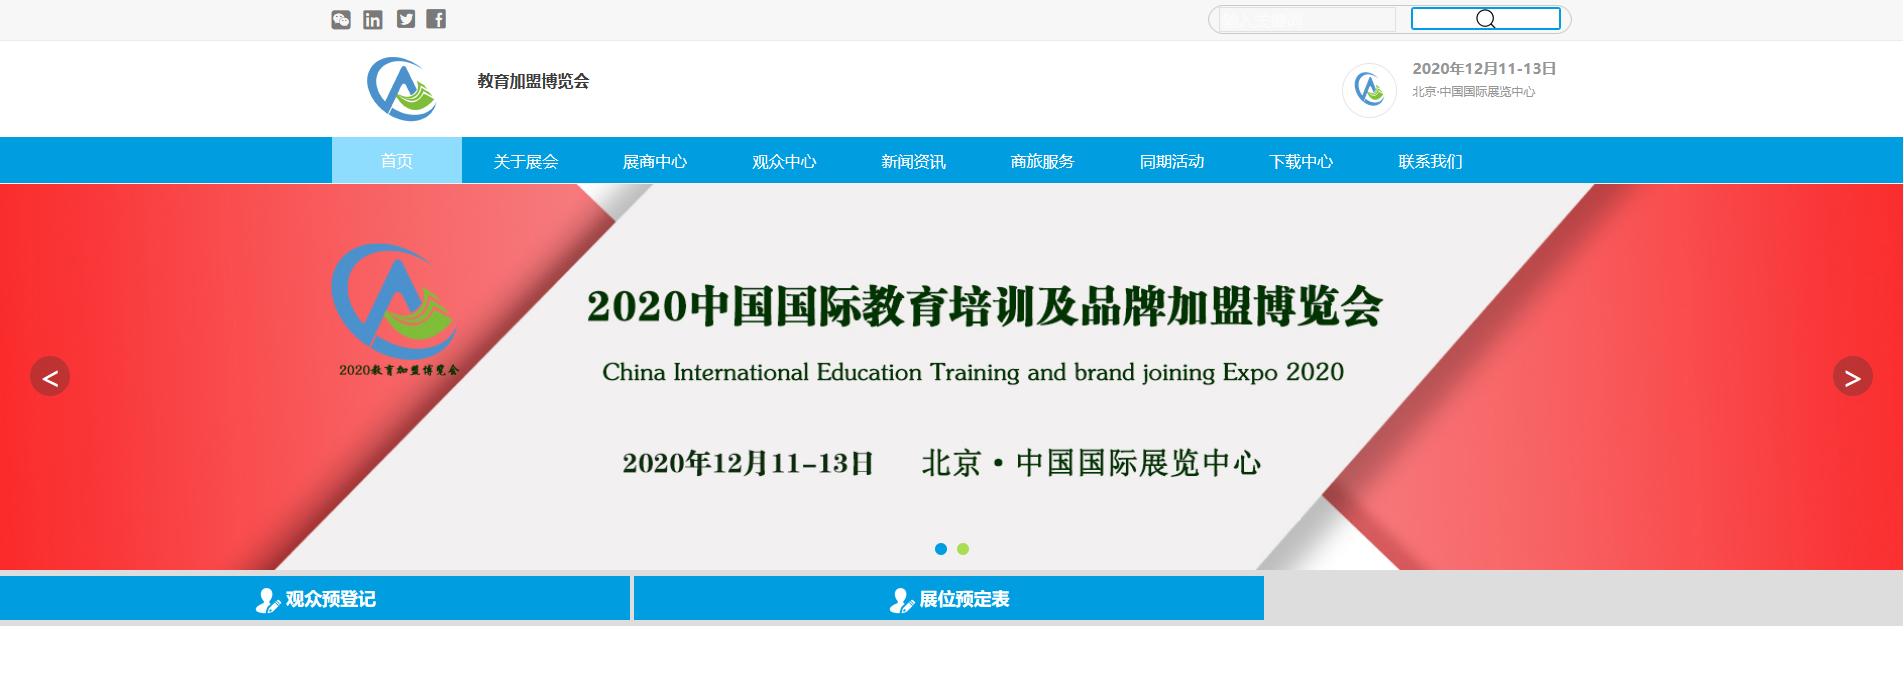 中国(北京)国际教育培训及品牌加盟展览会